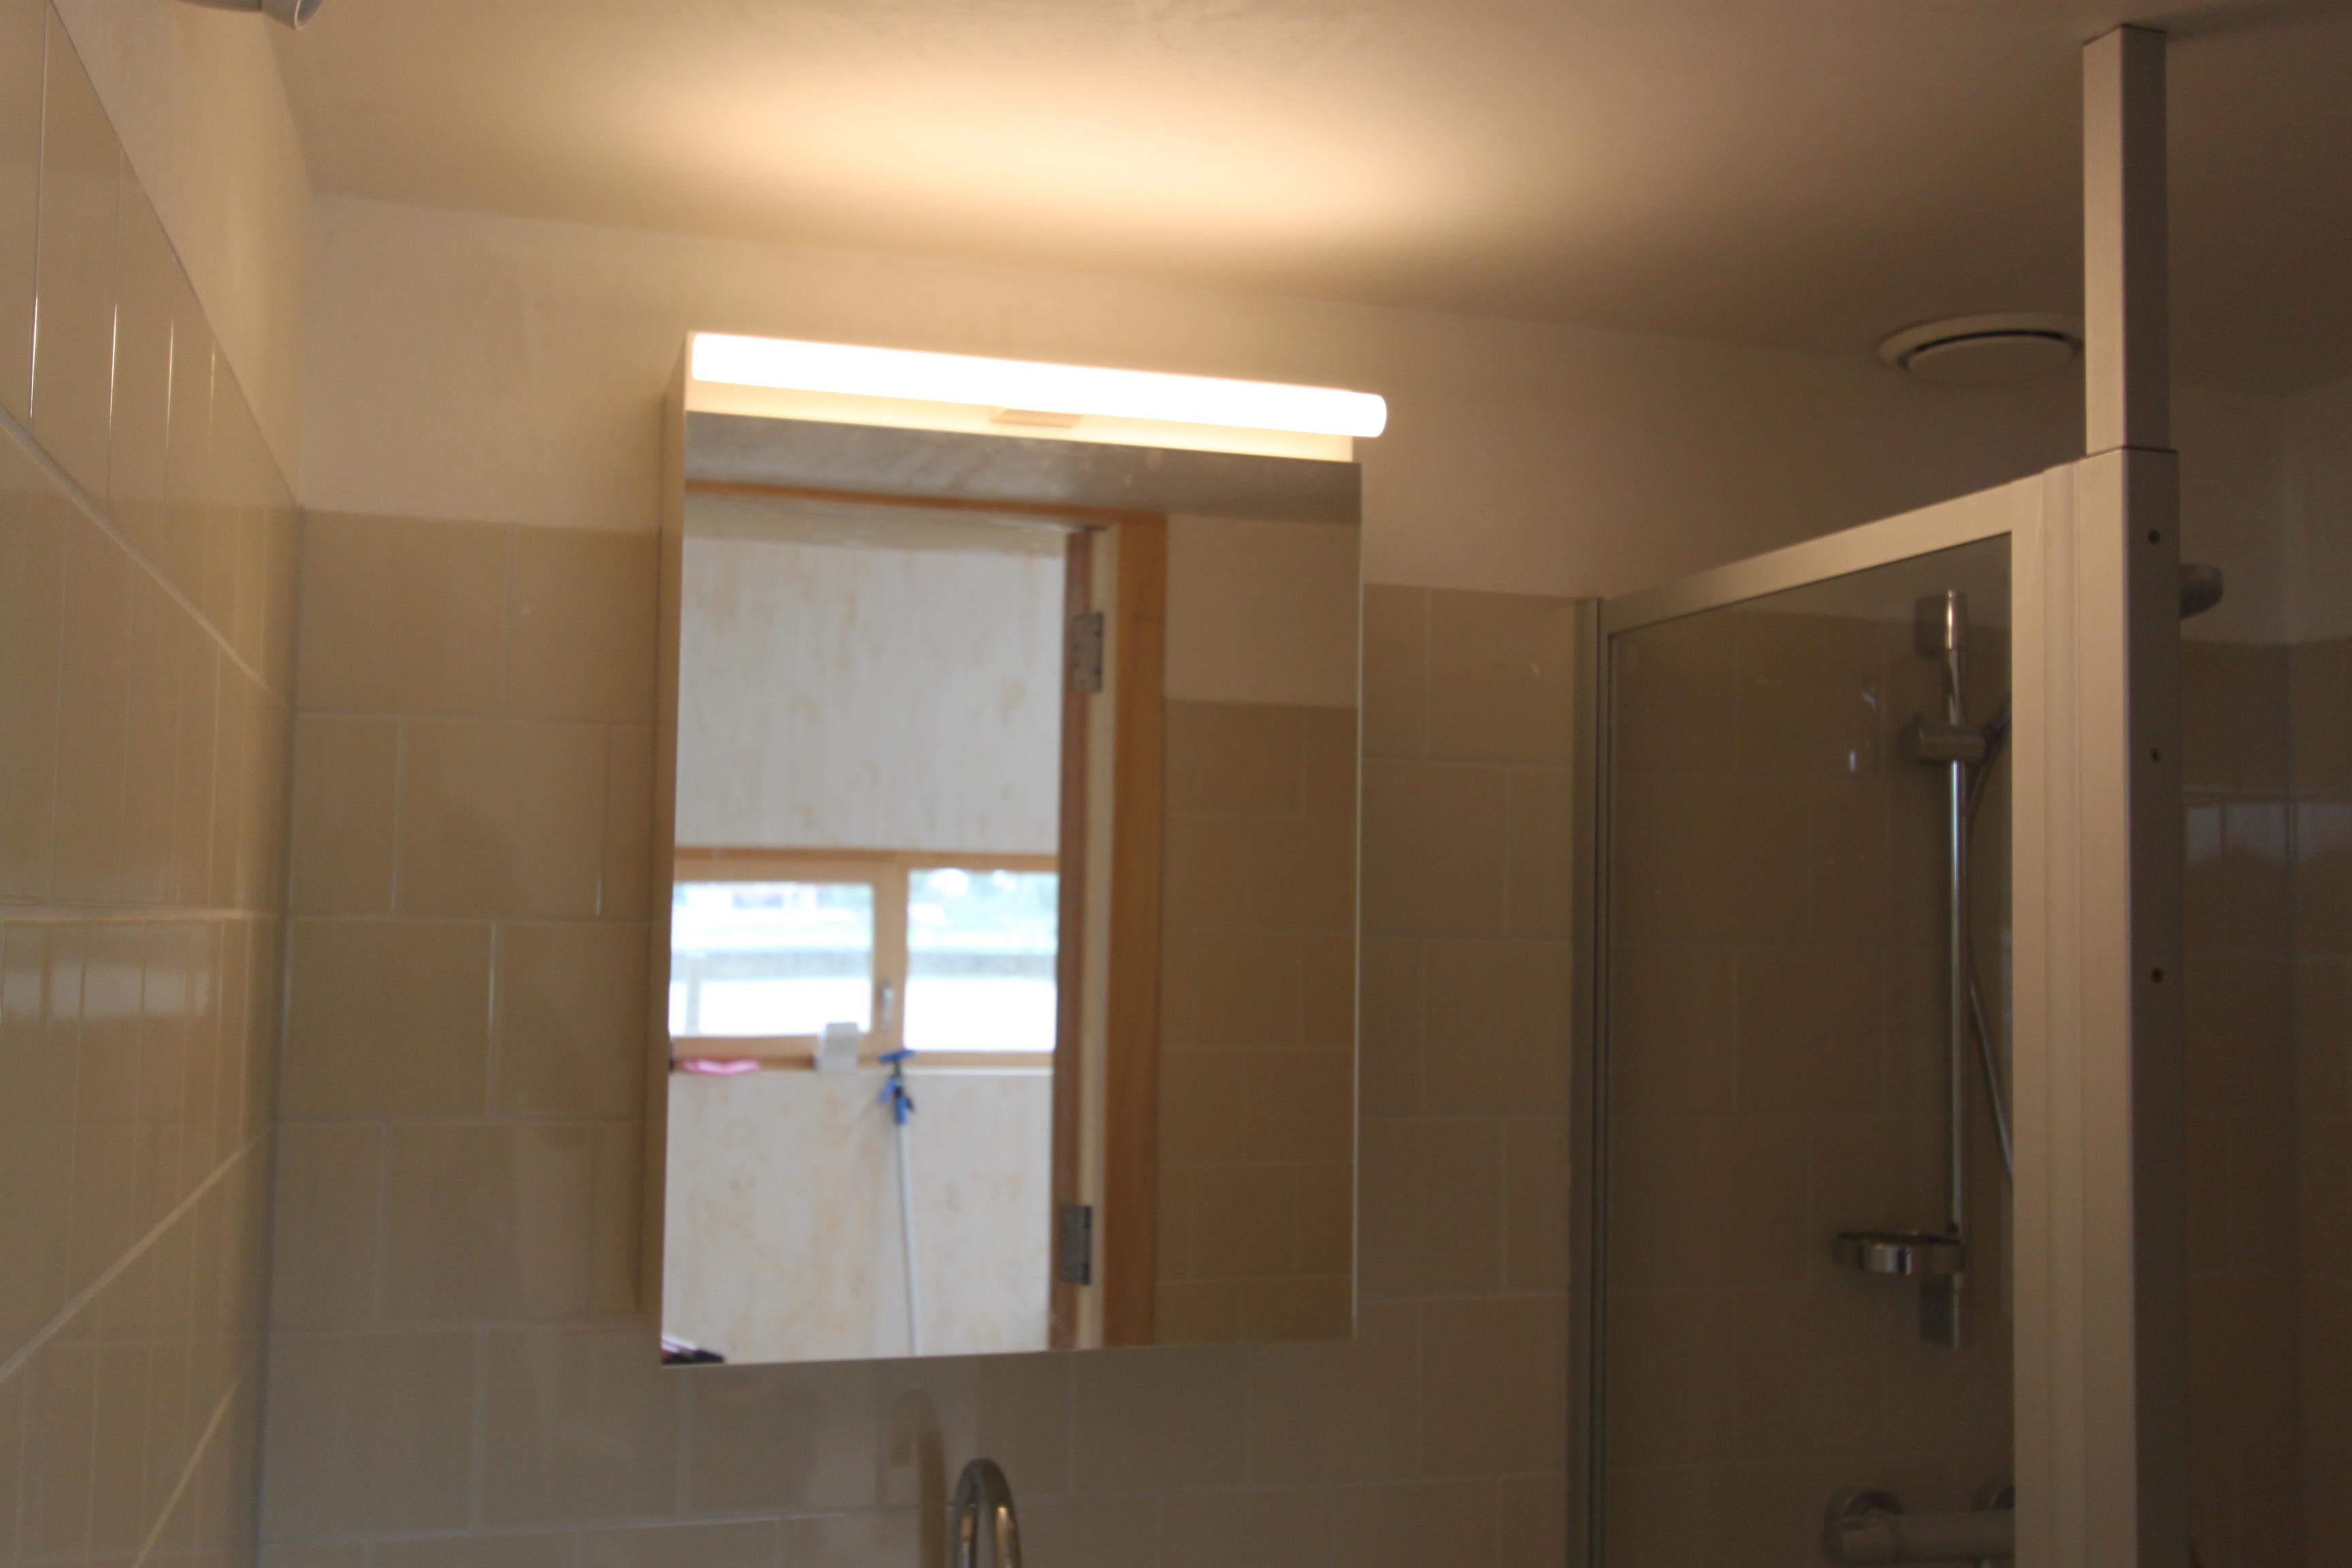 Badkamerkastje met spiegel d w